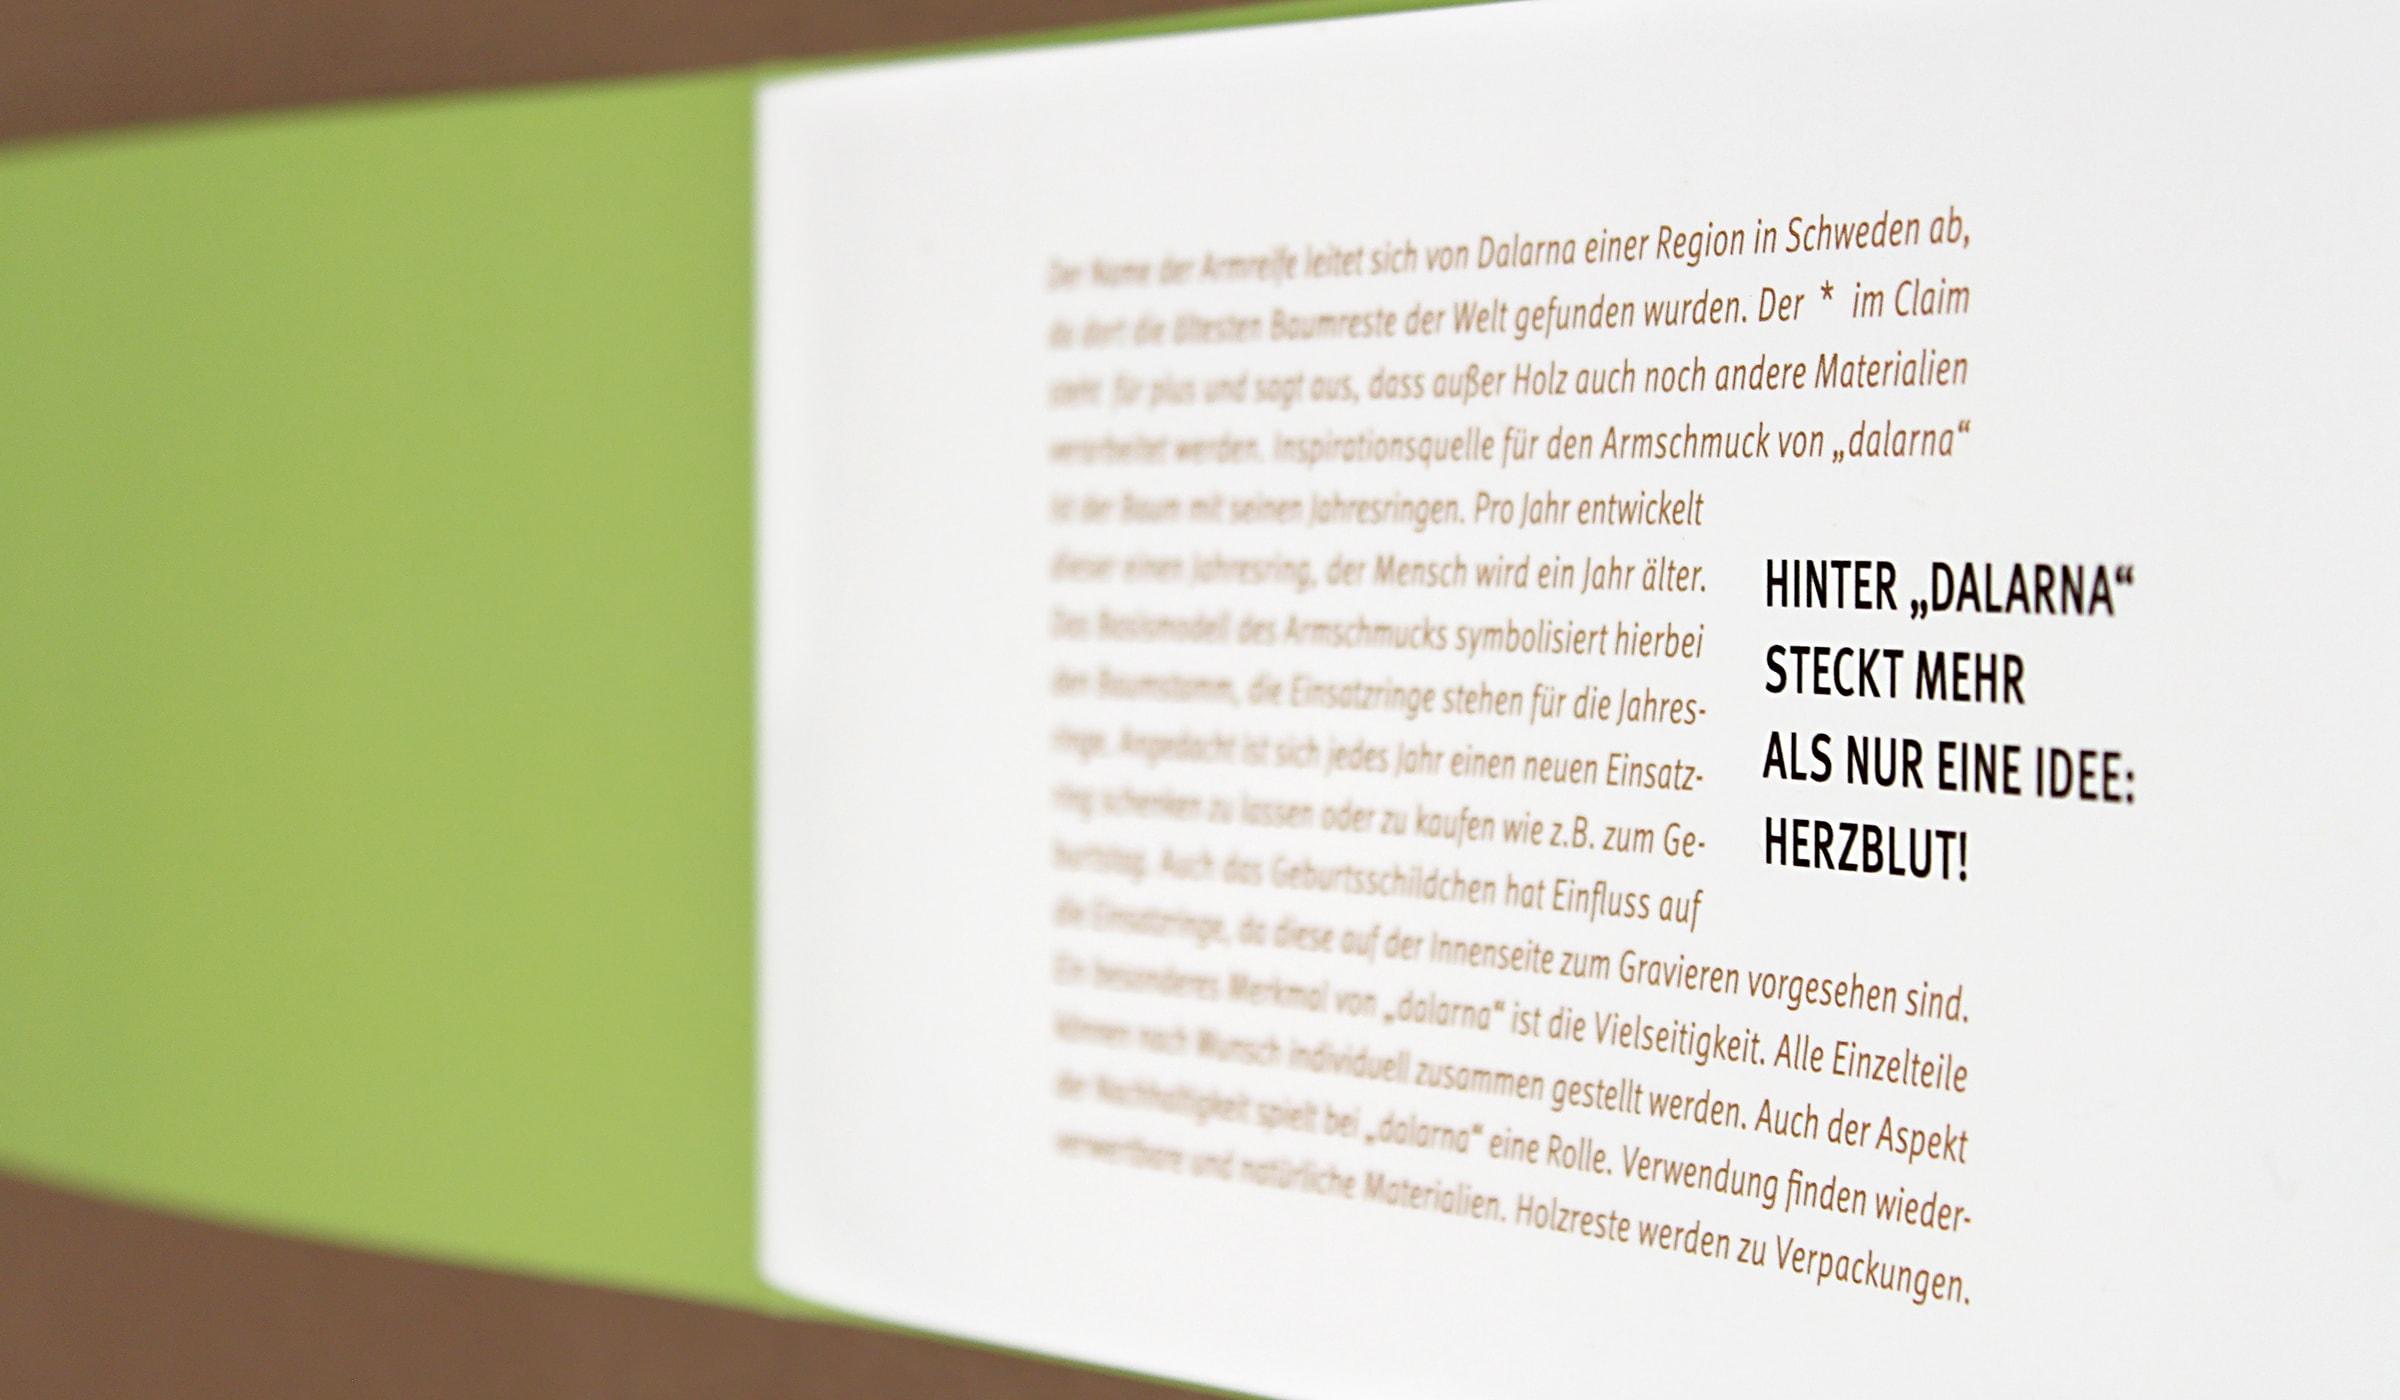 Detail der Imagebroschüre für Dalarna. Nachhaltig gedruckt auf Recyclingpapier. Ein Projekt der Designagentur mieker - Konzept Design Strategie. Diplomarbeit von Kerstin Michels, Fachrichtung Kommunikationsdesign, FH Trier. Bestandteile der ganzen Arbeit: Brand Identity, Produktdesign, Brand Design, Namensentwicklung, Logodesign, Packaging Design, Editorial Design, Imagebroschüre, Werbemittel. Hermeskeil, Trier, Luxemburg, Saarbrücken, Koblenz, Köln, Frankfurt, Hamburg